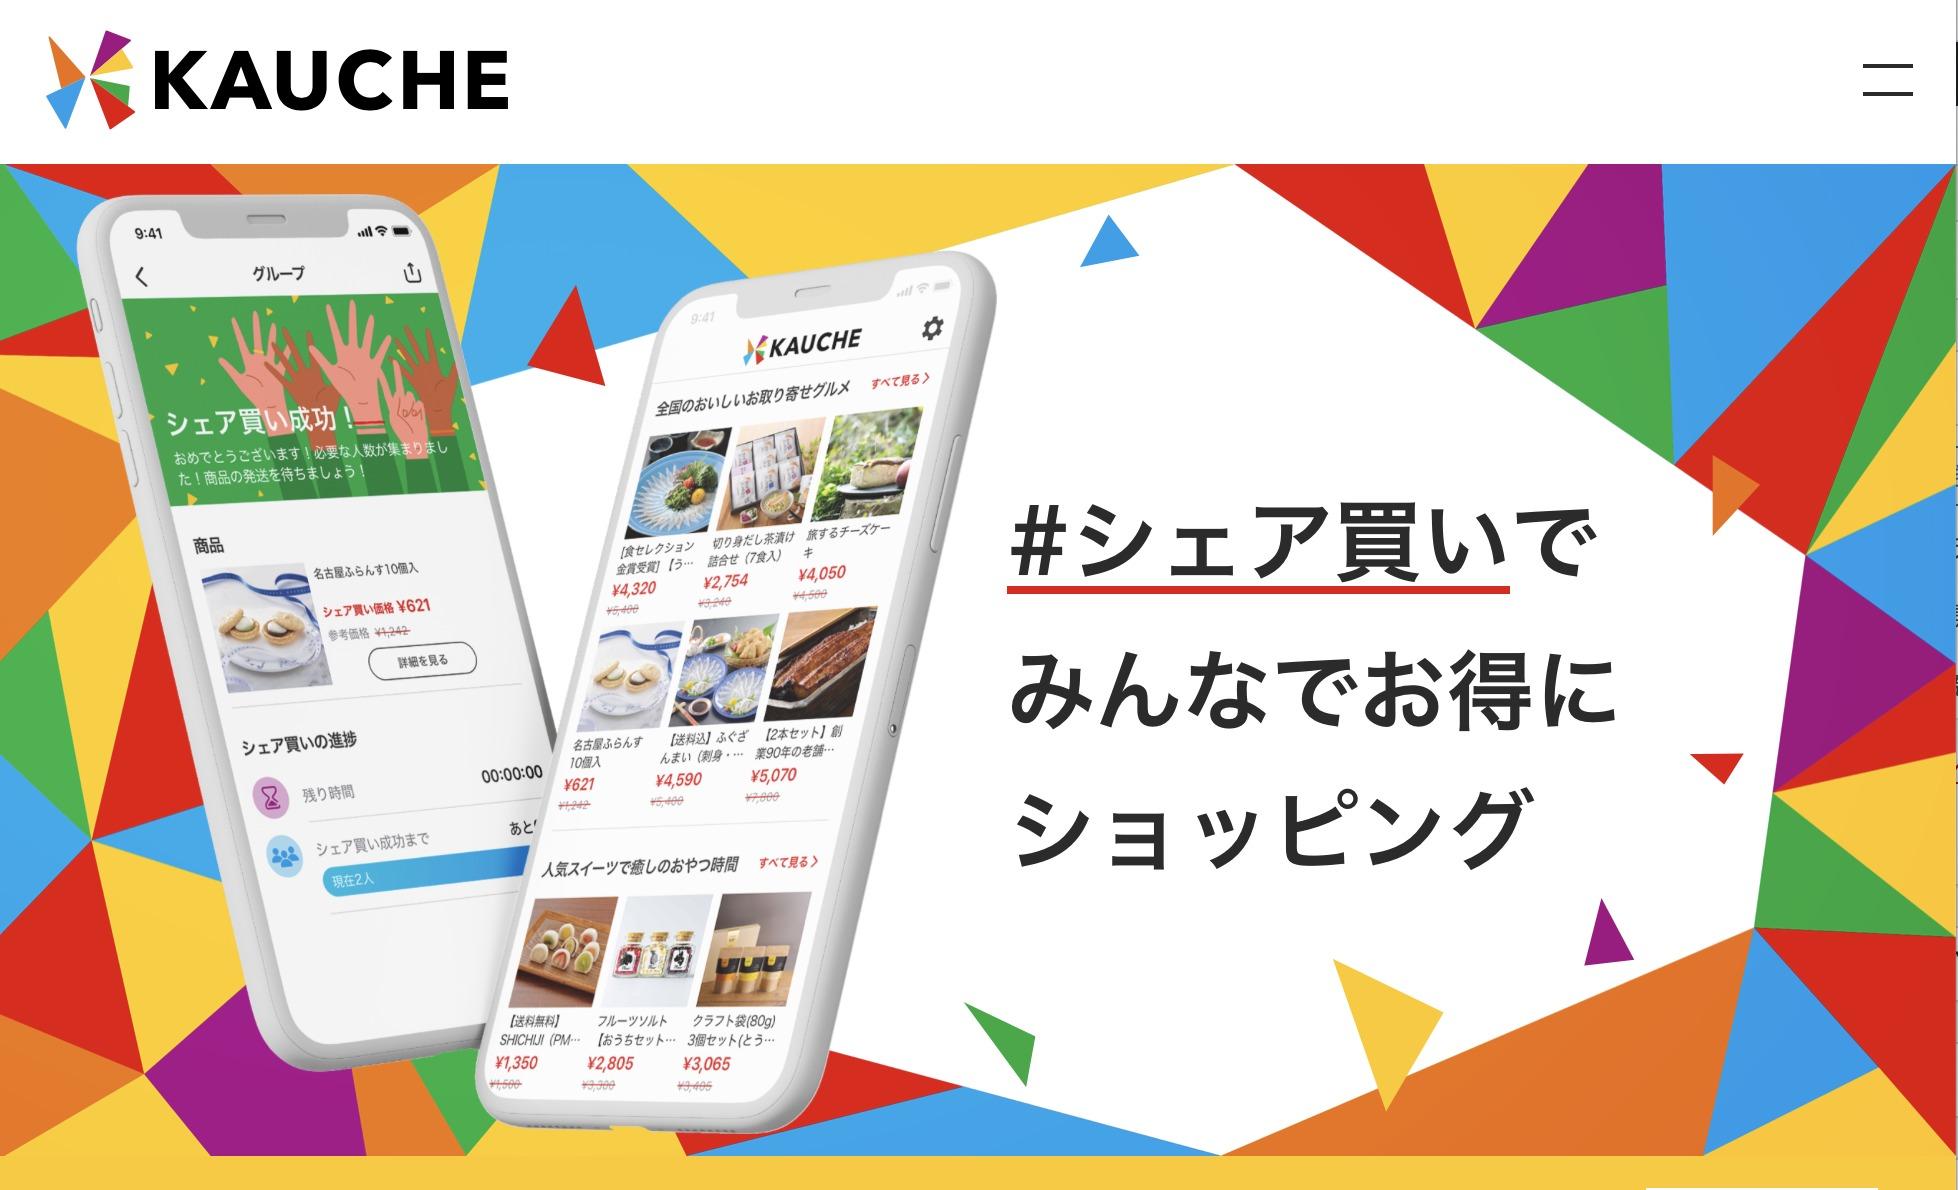 みんなで買えばお得になる、共同購入プラットフォーム「KAUCHE(カウシェ)」